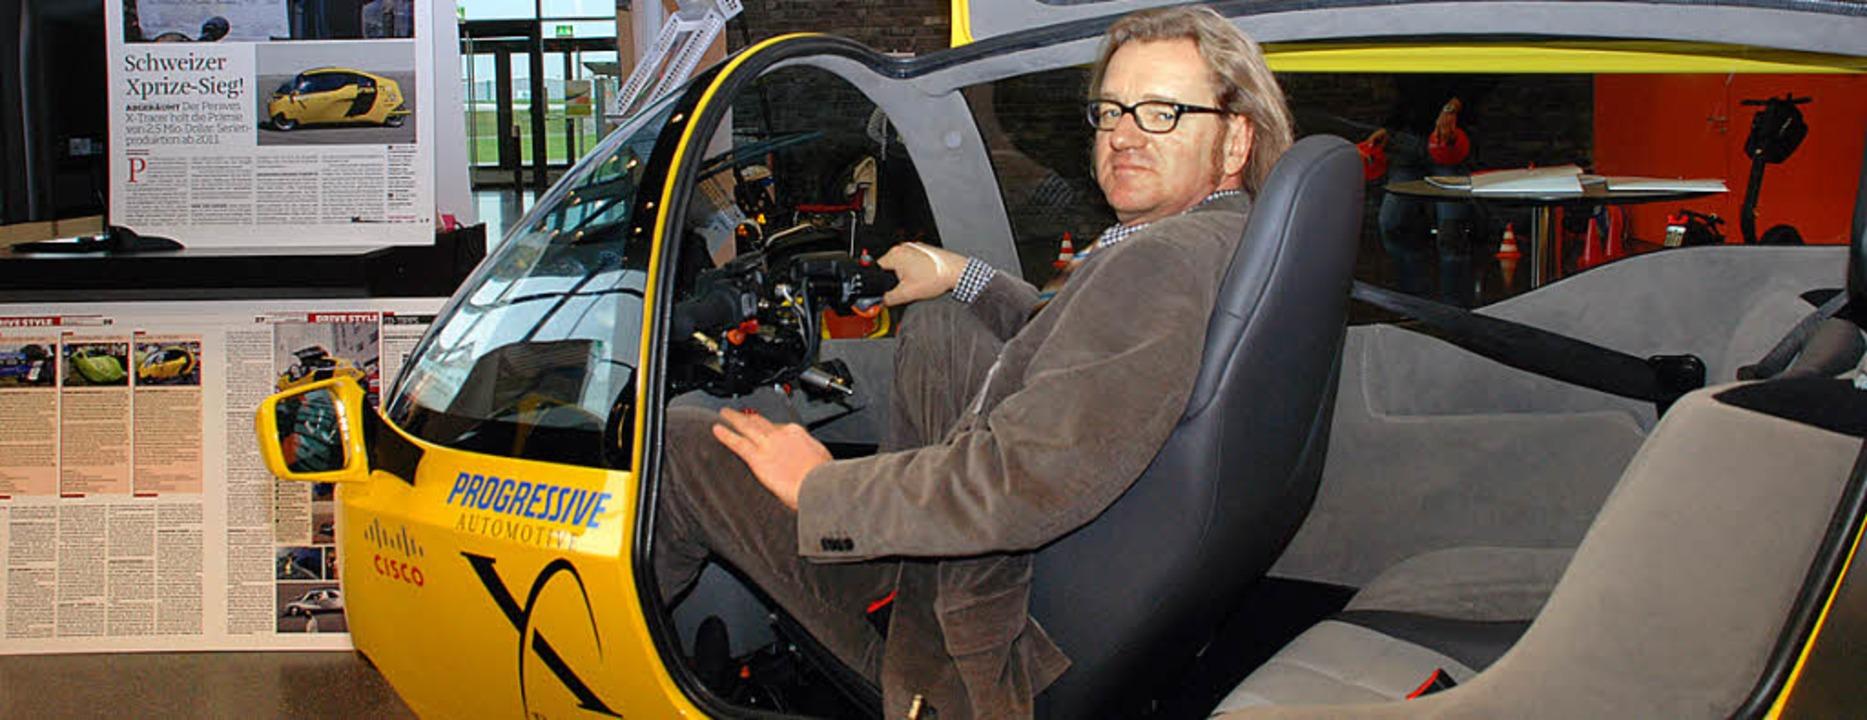 <ppp> und </ppp>Gerold Hellwig in einem Monotracer auf der Fachmesse Ecomobil.  | Foto: Gertrude Siefke